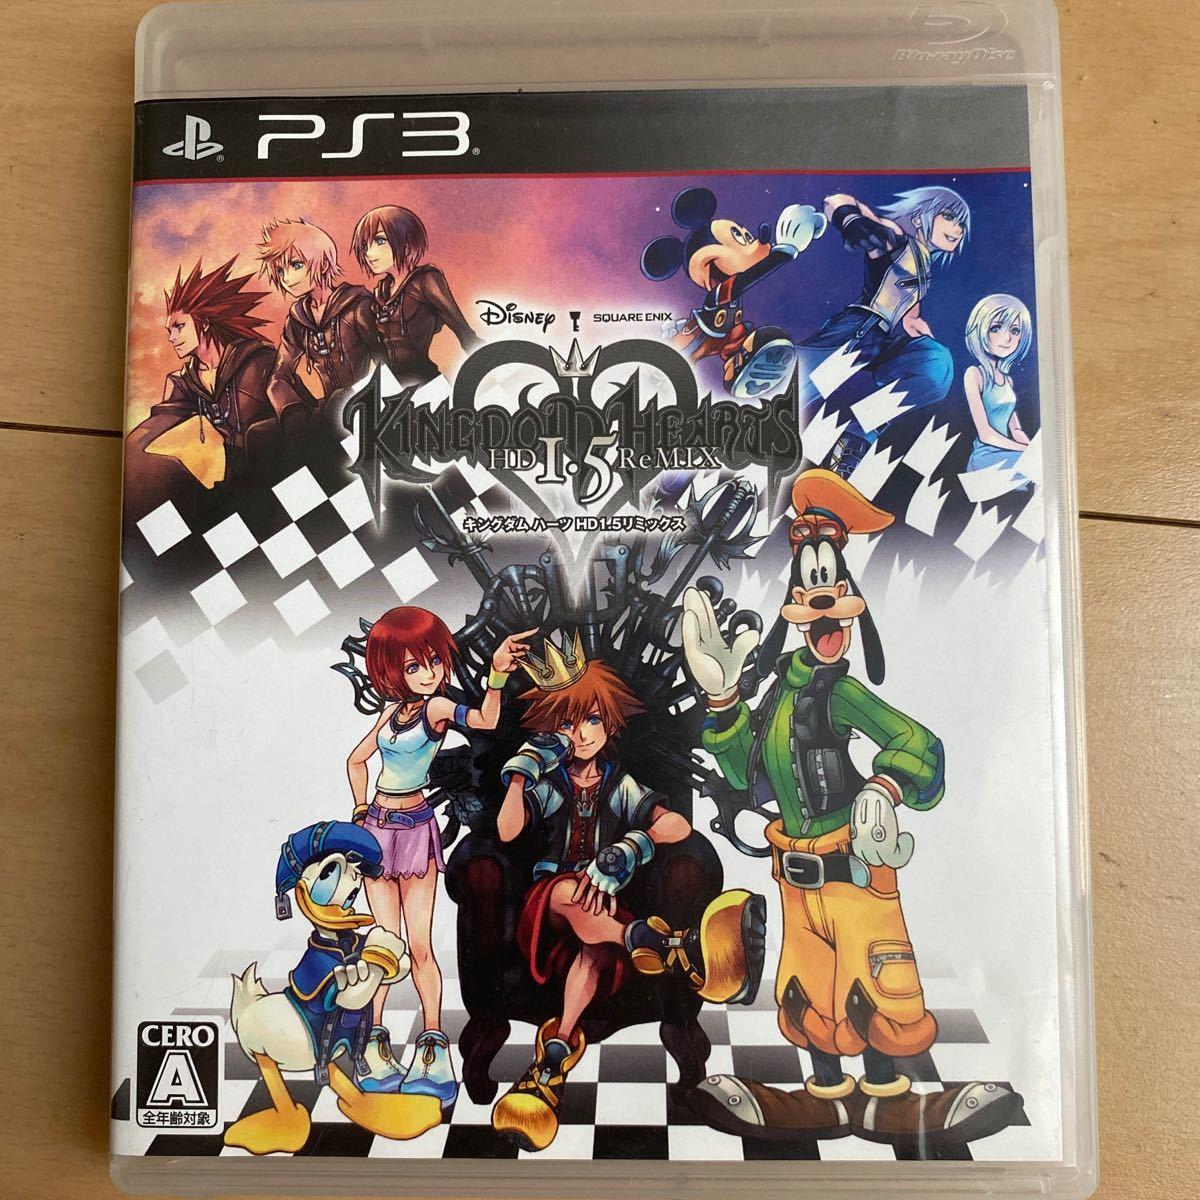 キングダムハーツHD1.5リミックス PS3